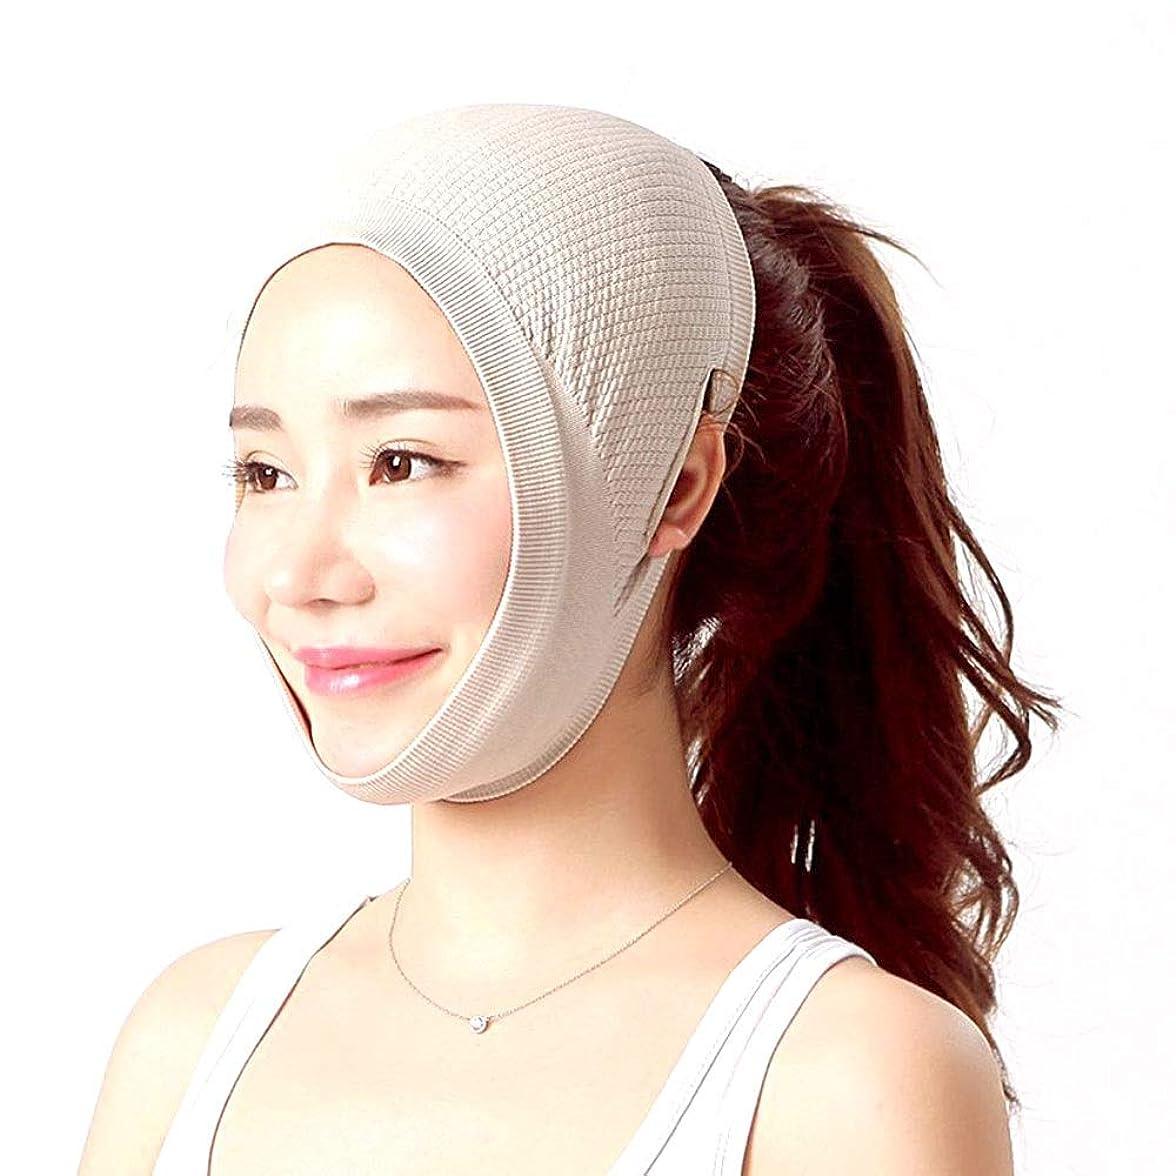 お互い電池夜Jia Jia- フェイスリフティングアーティファクト包帯ライン術後回復包帯リフティングフェイスフードVフェイス包帯リフティングVフェイス美容マスク - 肌のトーン 顔面包帯